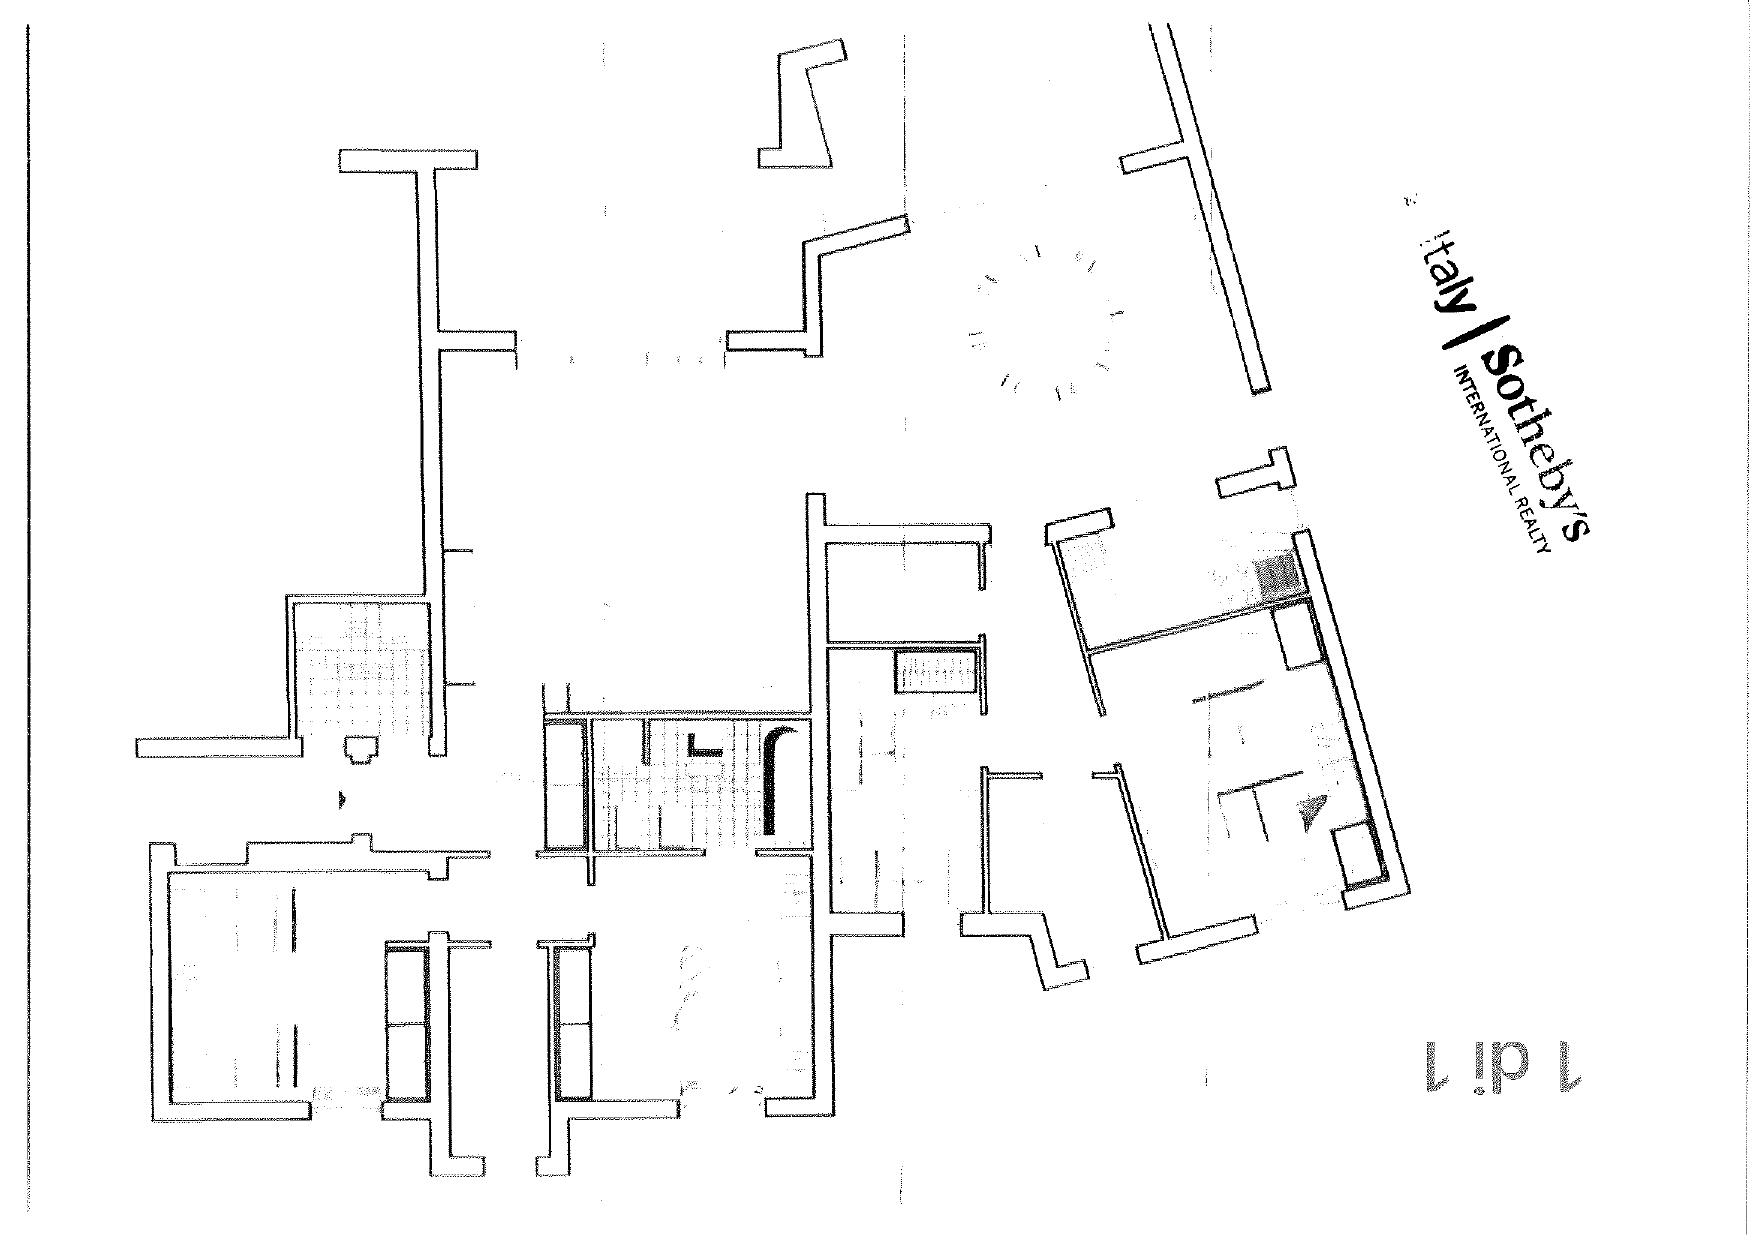 Appartamento in Vendita a Olbia: 5 locali, 175 mq - Foto 16